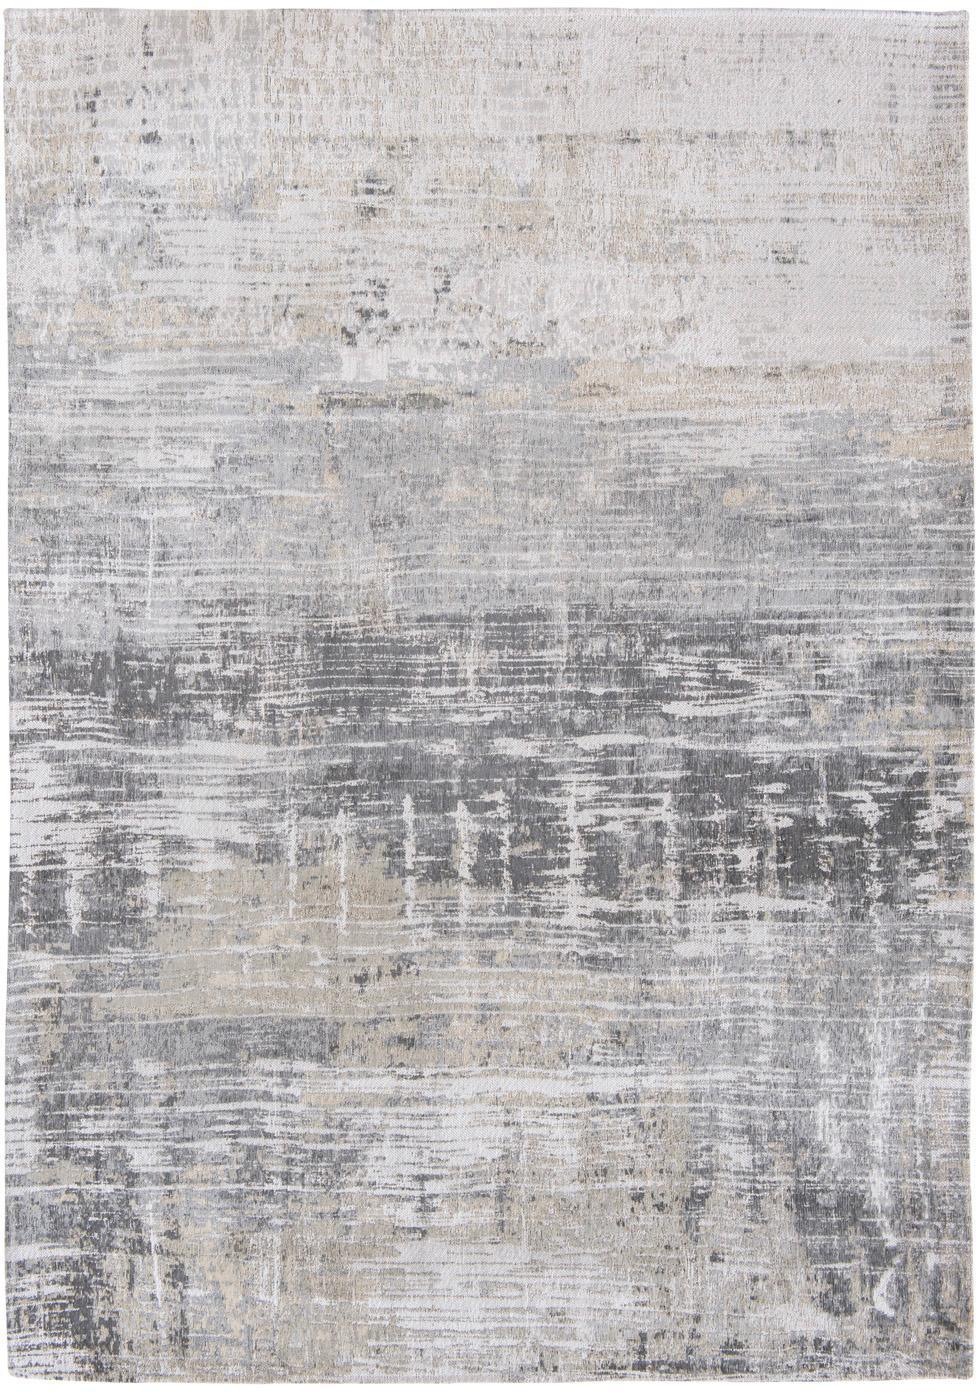 Tappeto di design grigio Streaks, Tessuto: Jacquard, Retro: Miscela di cotone, rivest, Tonalità grigie, Larg. 140 x Lung. 200 cm (taglia S)